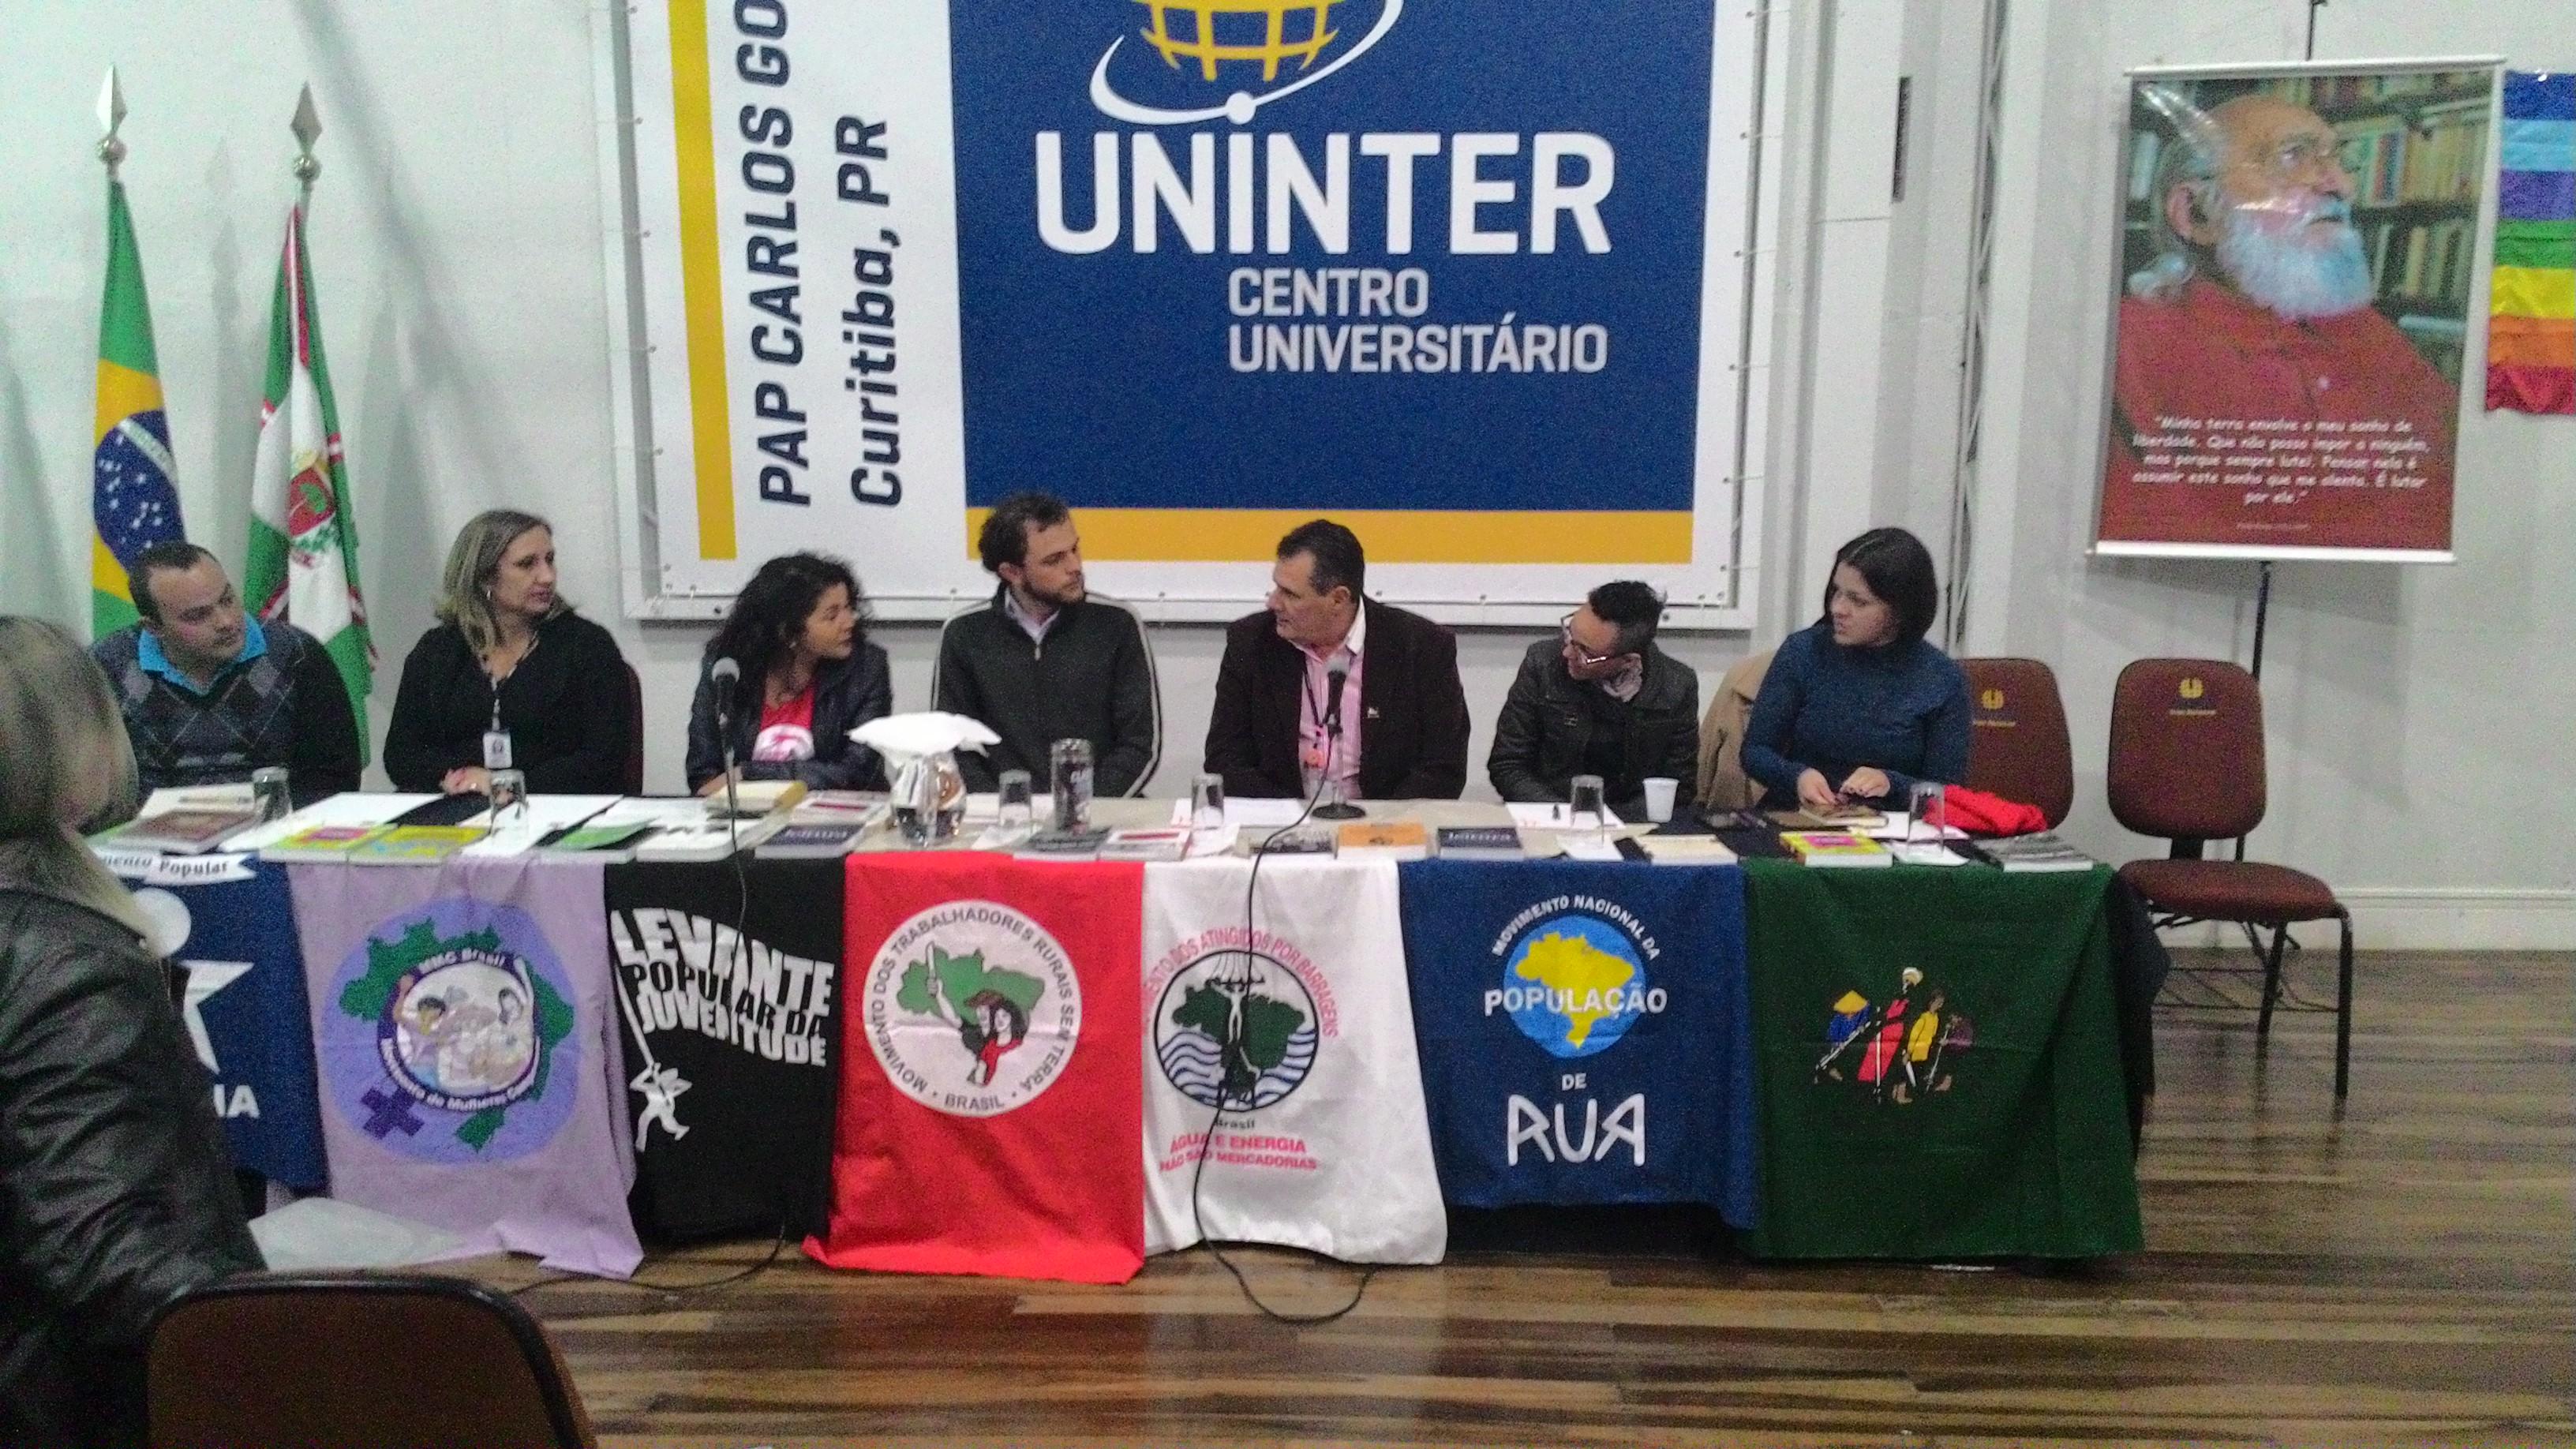 Mesa de Discussão com os líderes dos movimentos